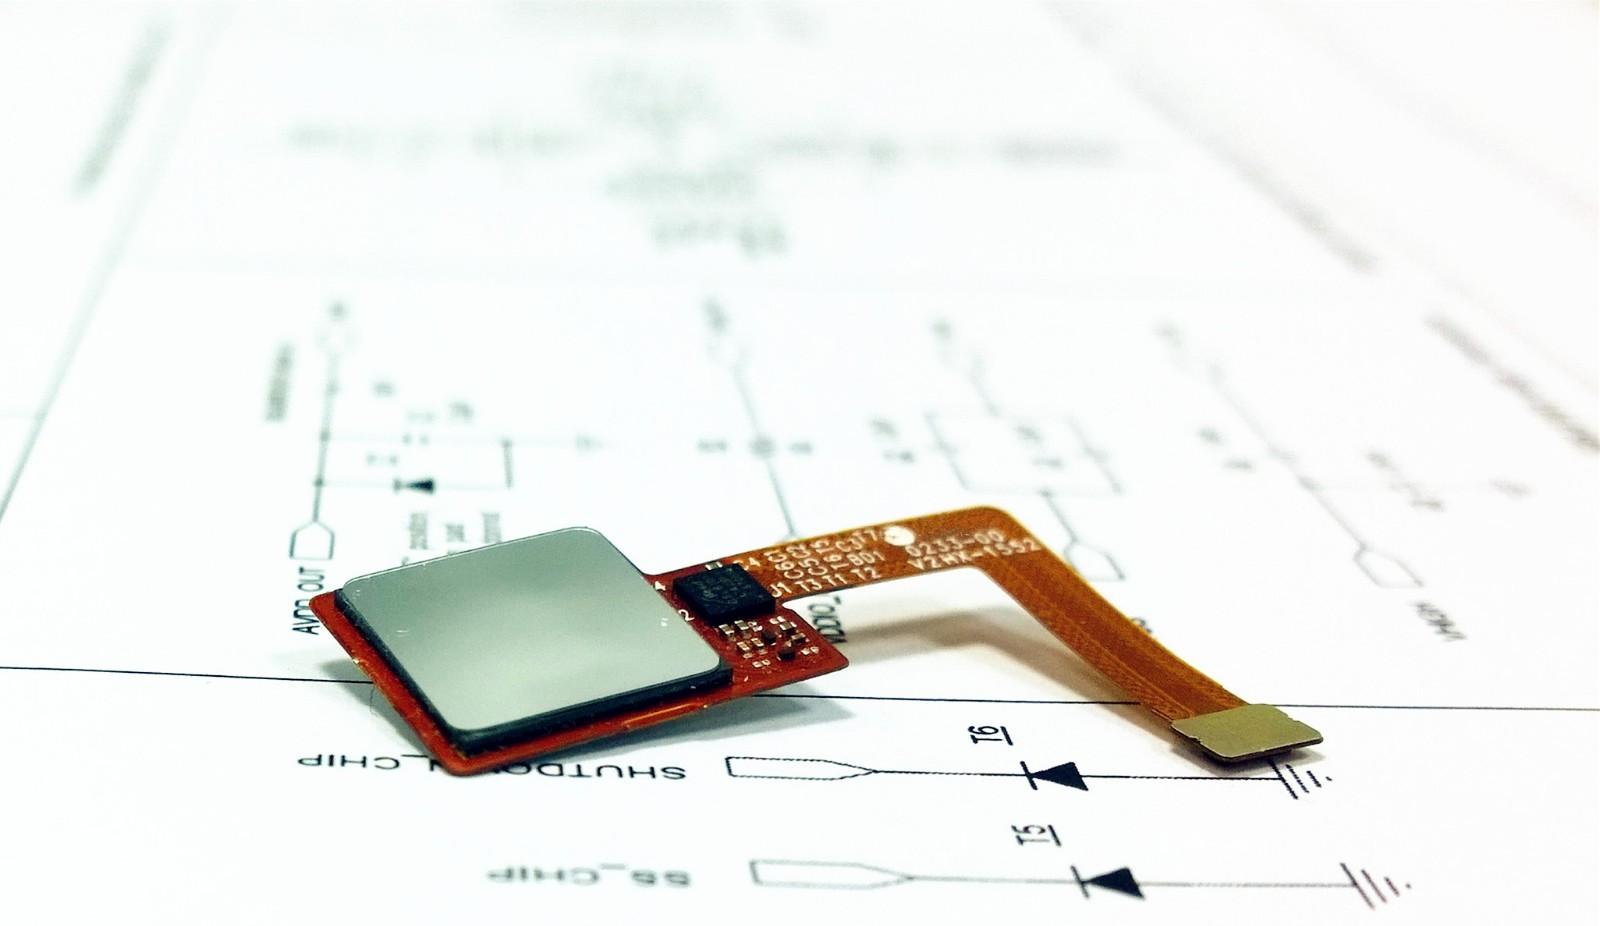 自、互容触控屏控制芯片